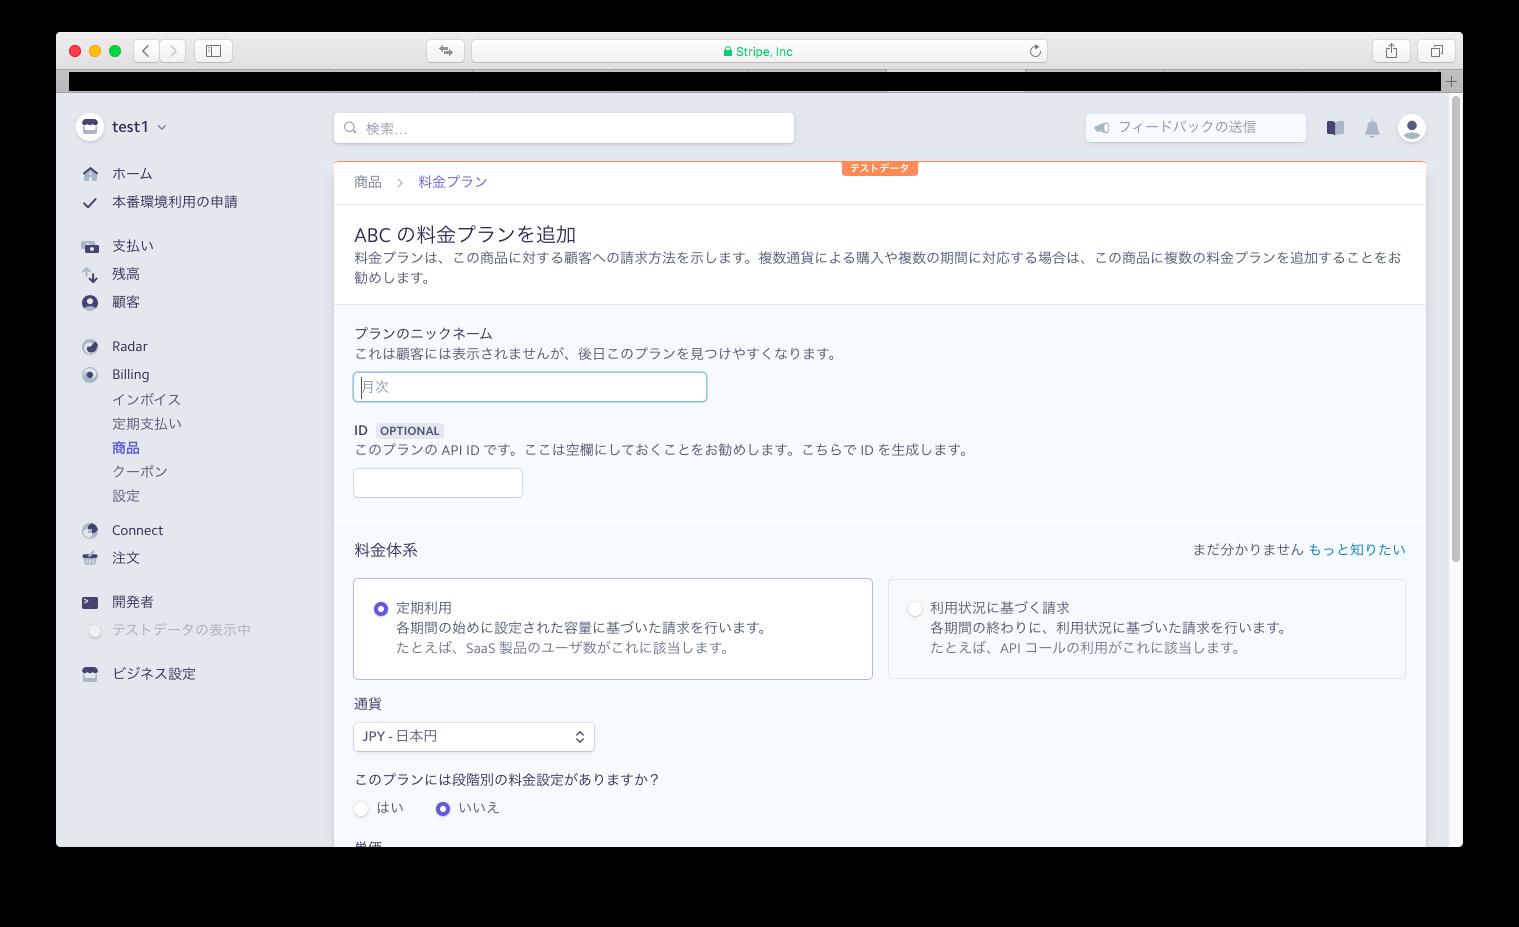 スクリーンショット 2018-08-27 15.06.52.pngのコピー.png.png